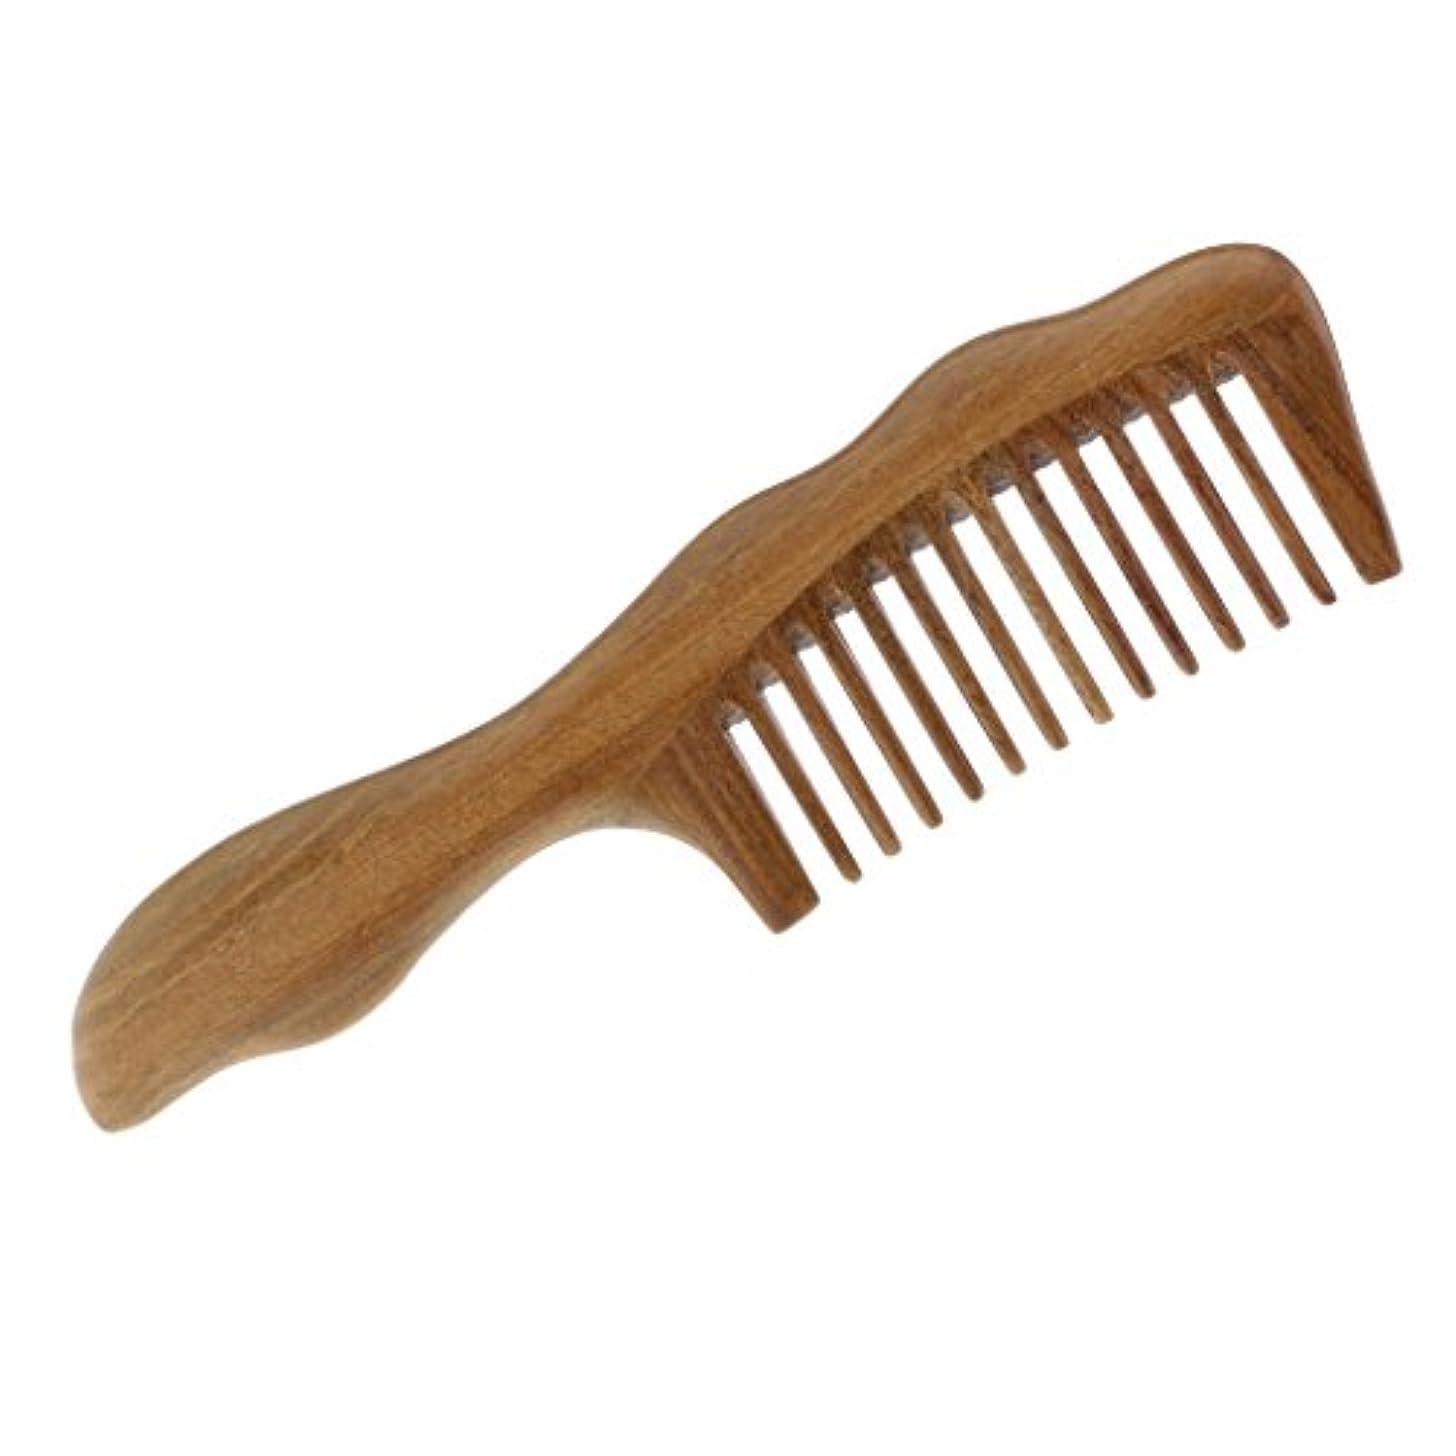 指定エーカー会計士Toygogo 広い歯の櫛の木製のもつれの櫛、木製の毛のブラシ/Sandalwoodの非静的な木の櫛